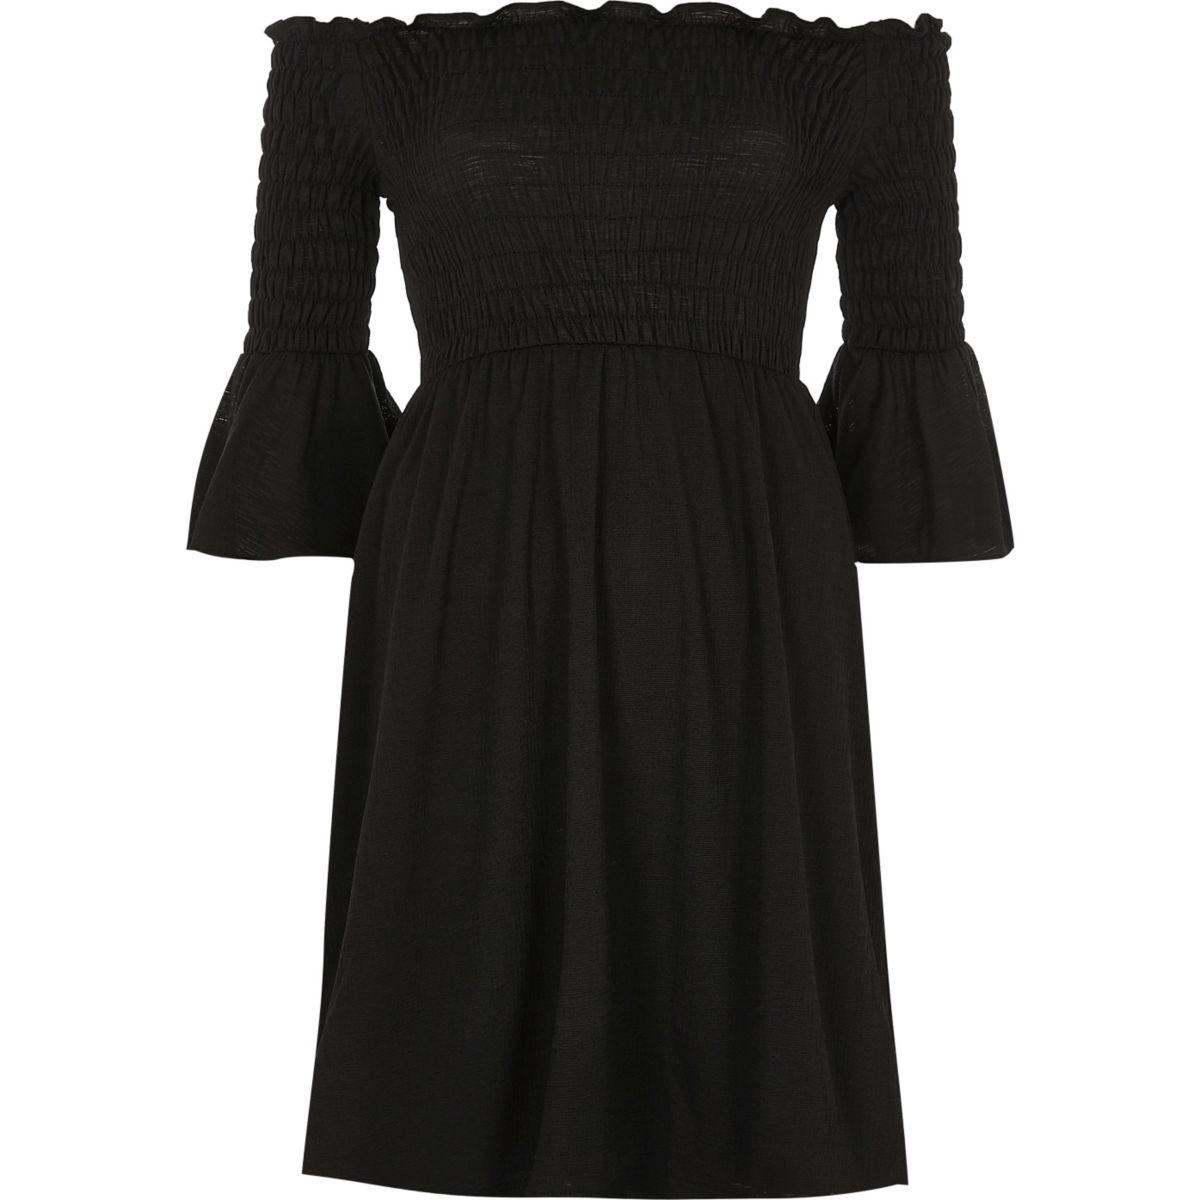 Schwarzes Bardot-Kleid mit Trompetenärmeln